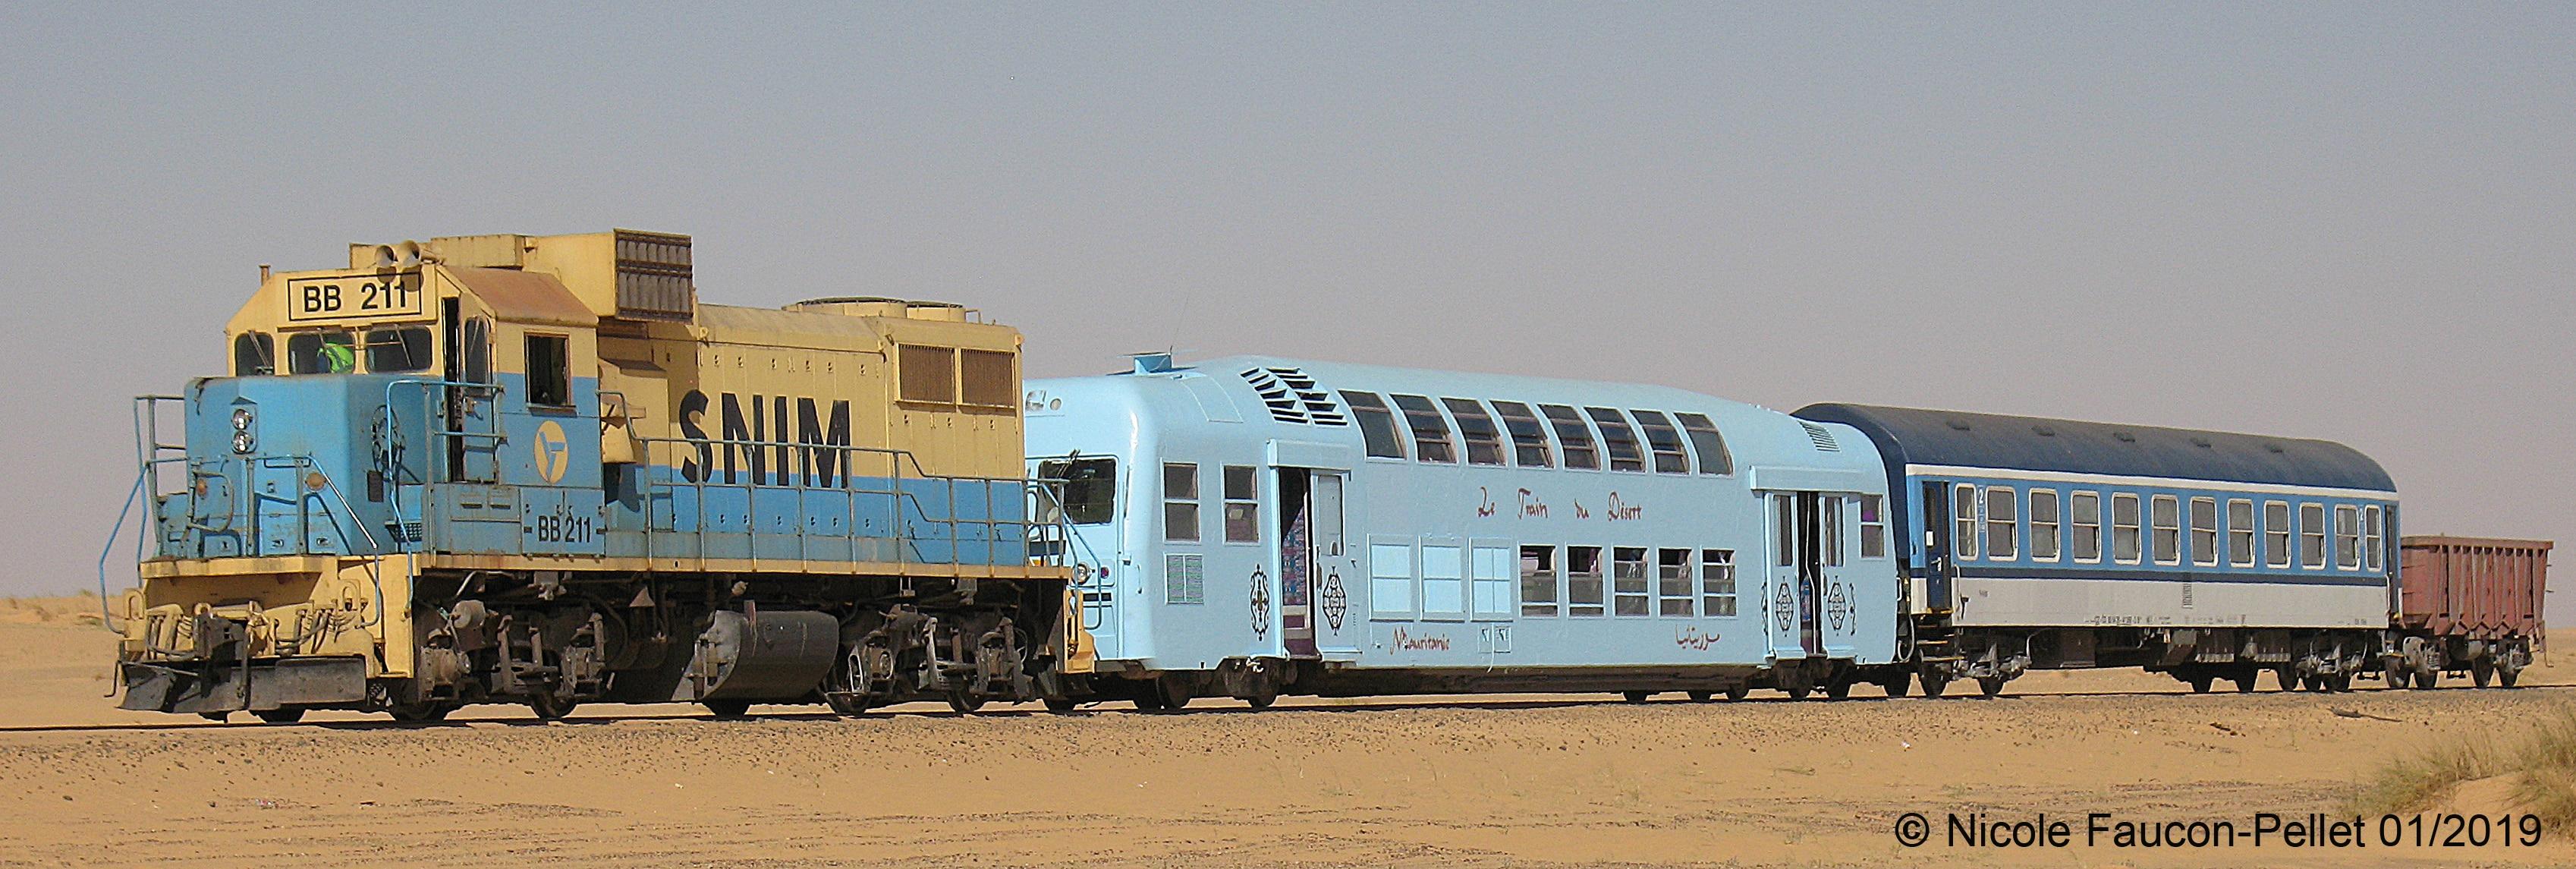 Train du Désert - Photo de Nicole Faucon Pellet